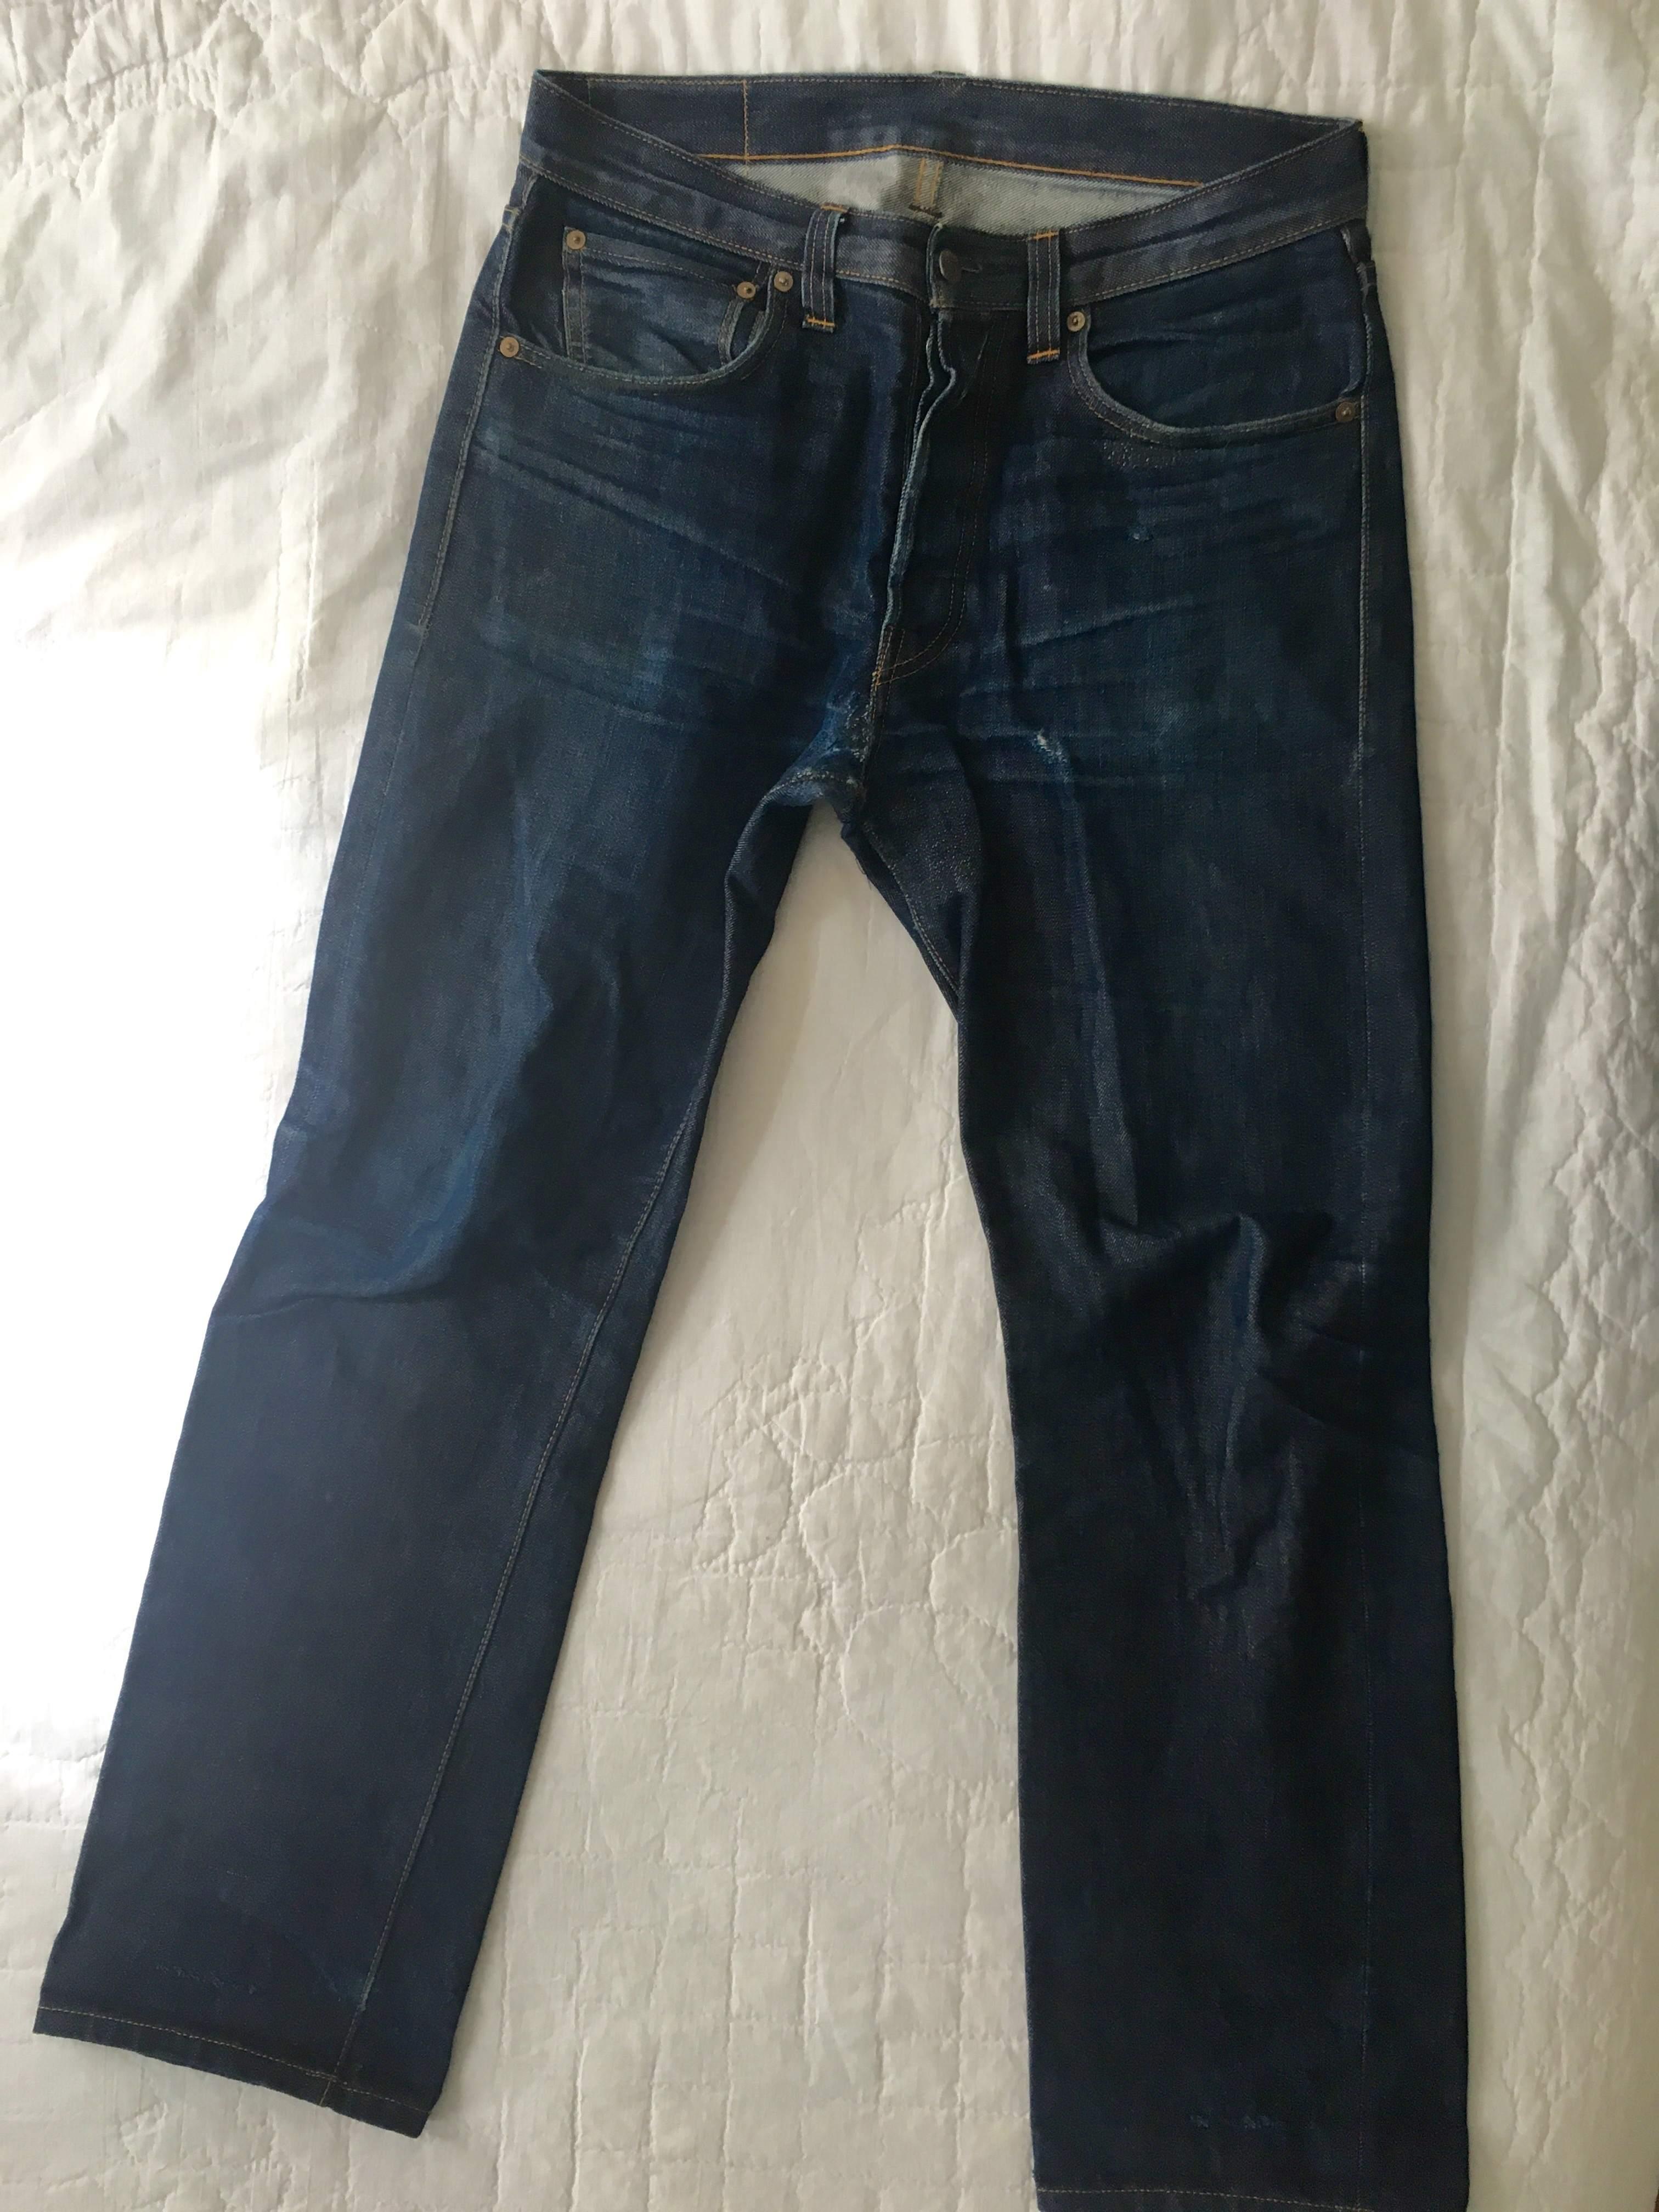 Levi's Vintage Clothing LVC 1947 501 Jeans 32x29.5